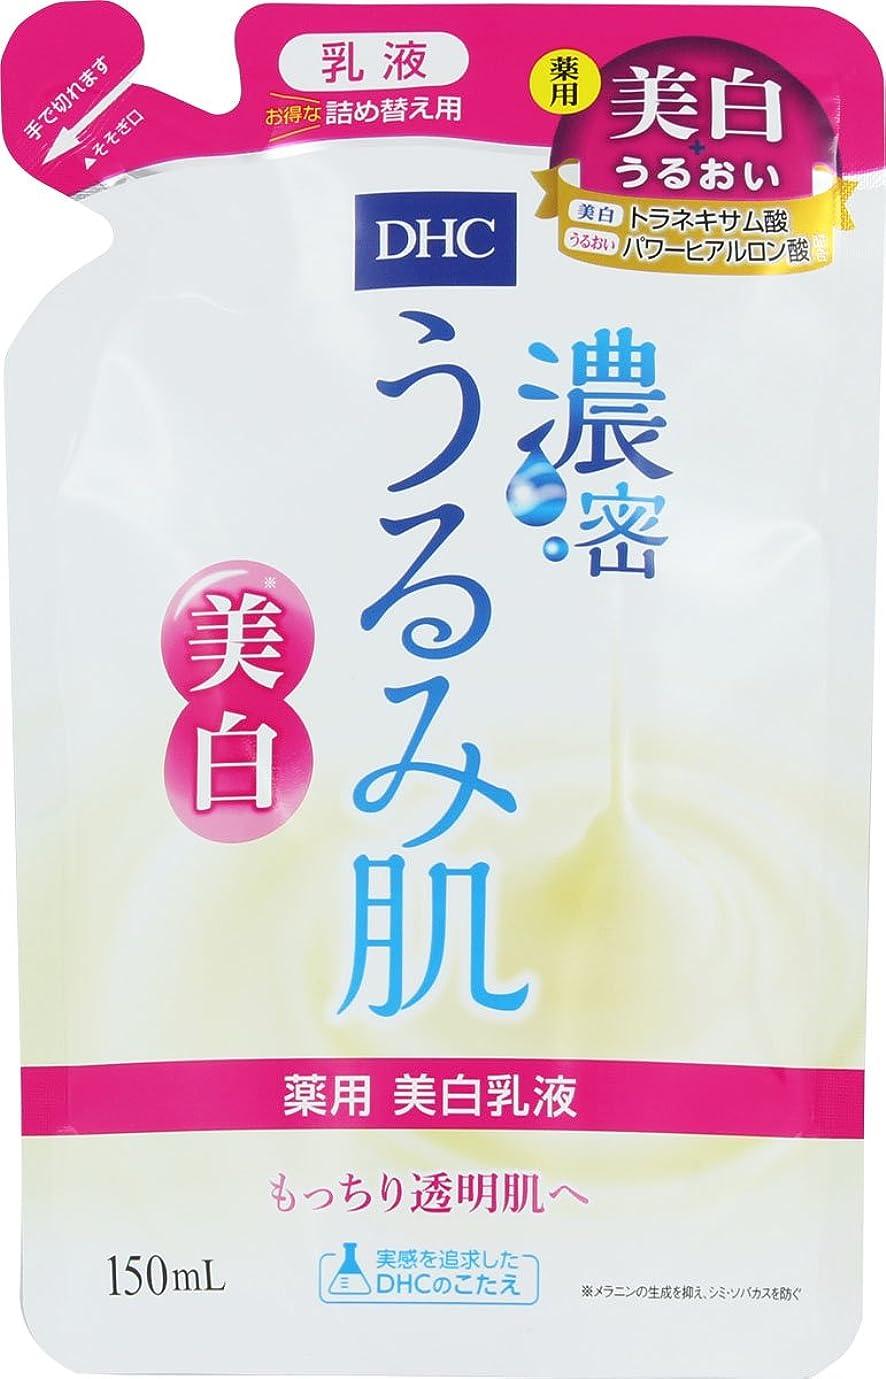 マルクス主義実際カセットDHC 濃密うるみ肌 薬用美白乳液 詰め替え 150ML(医薬部外品)